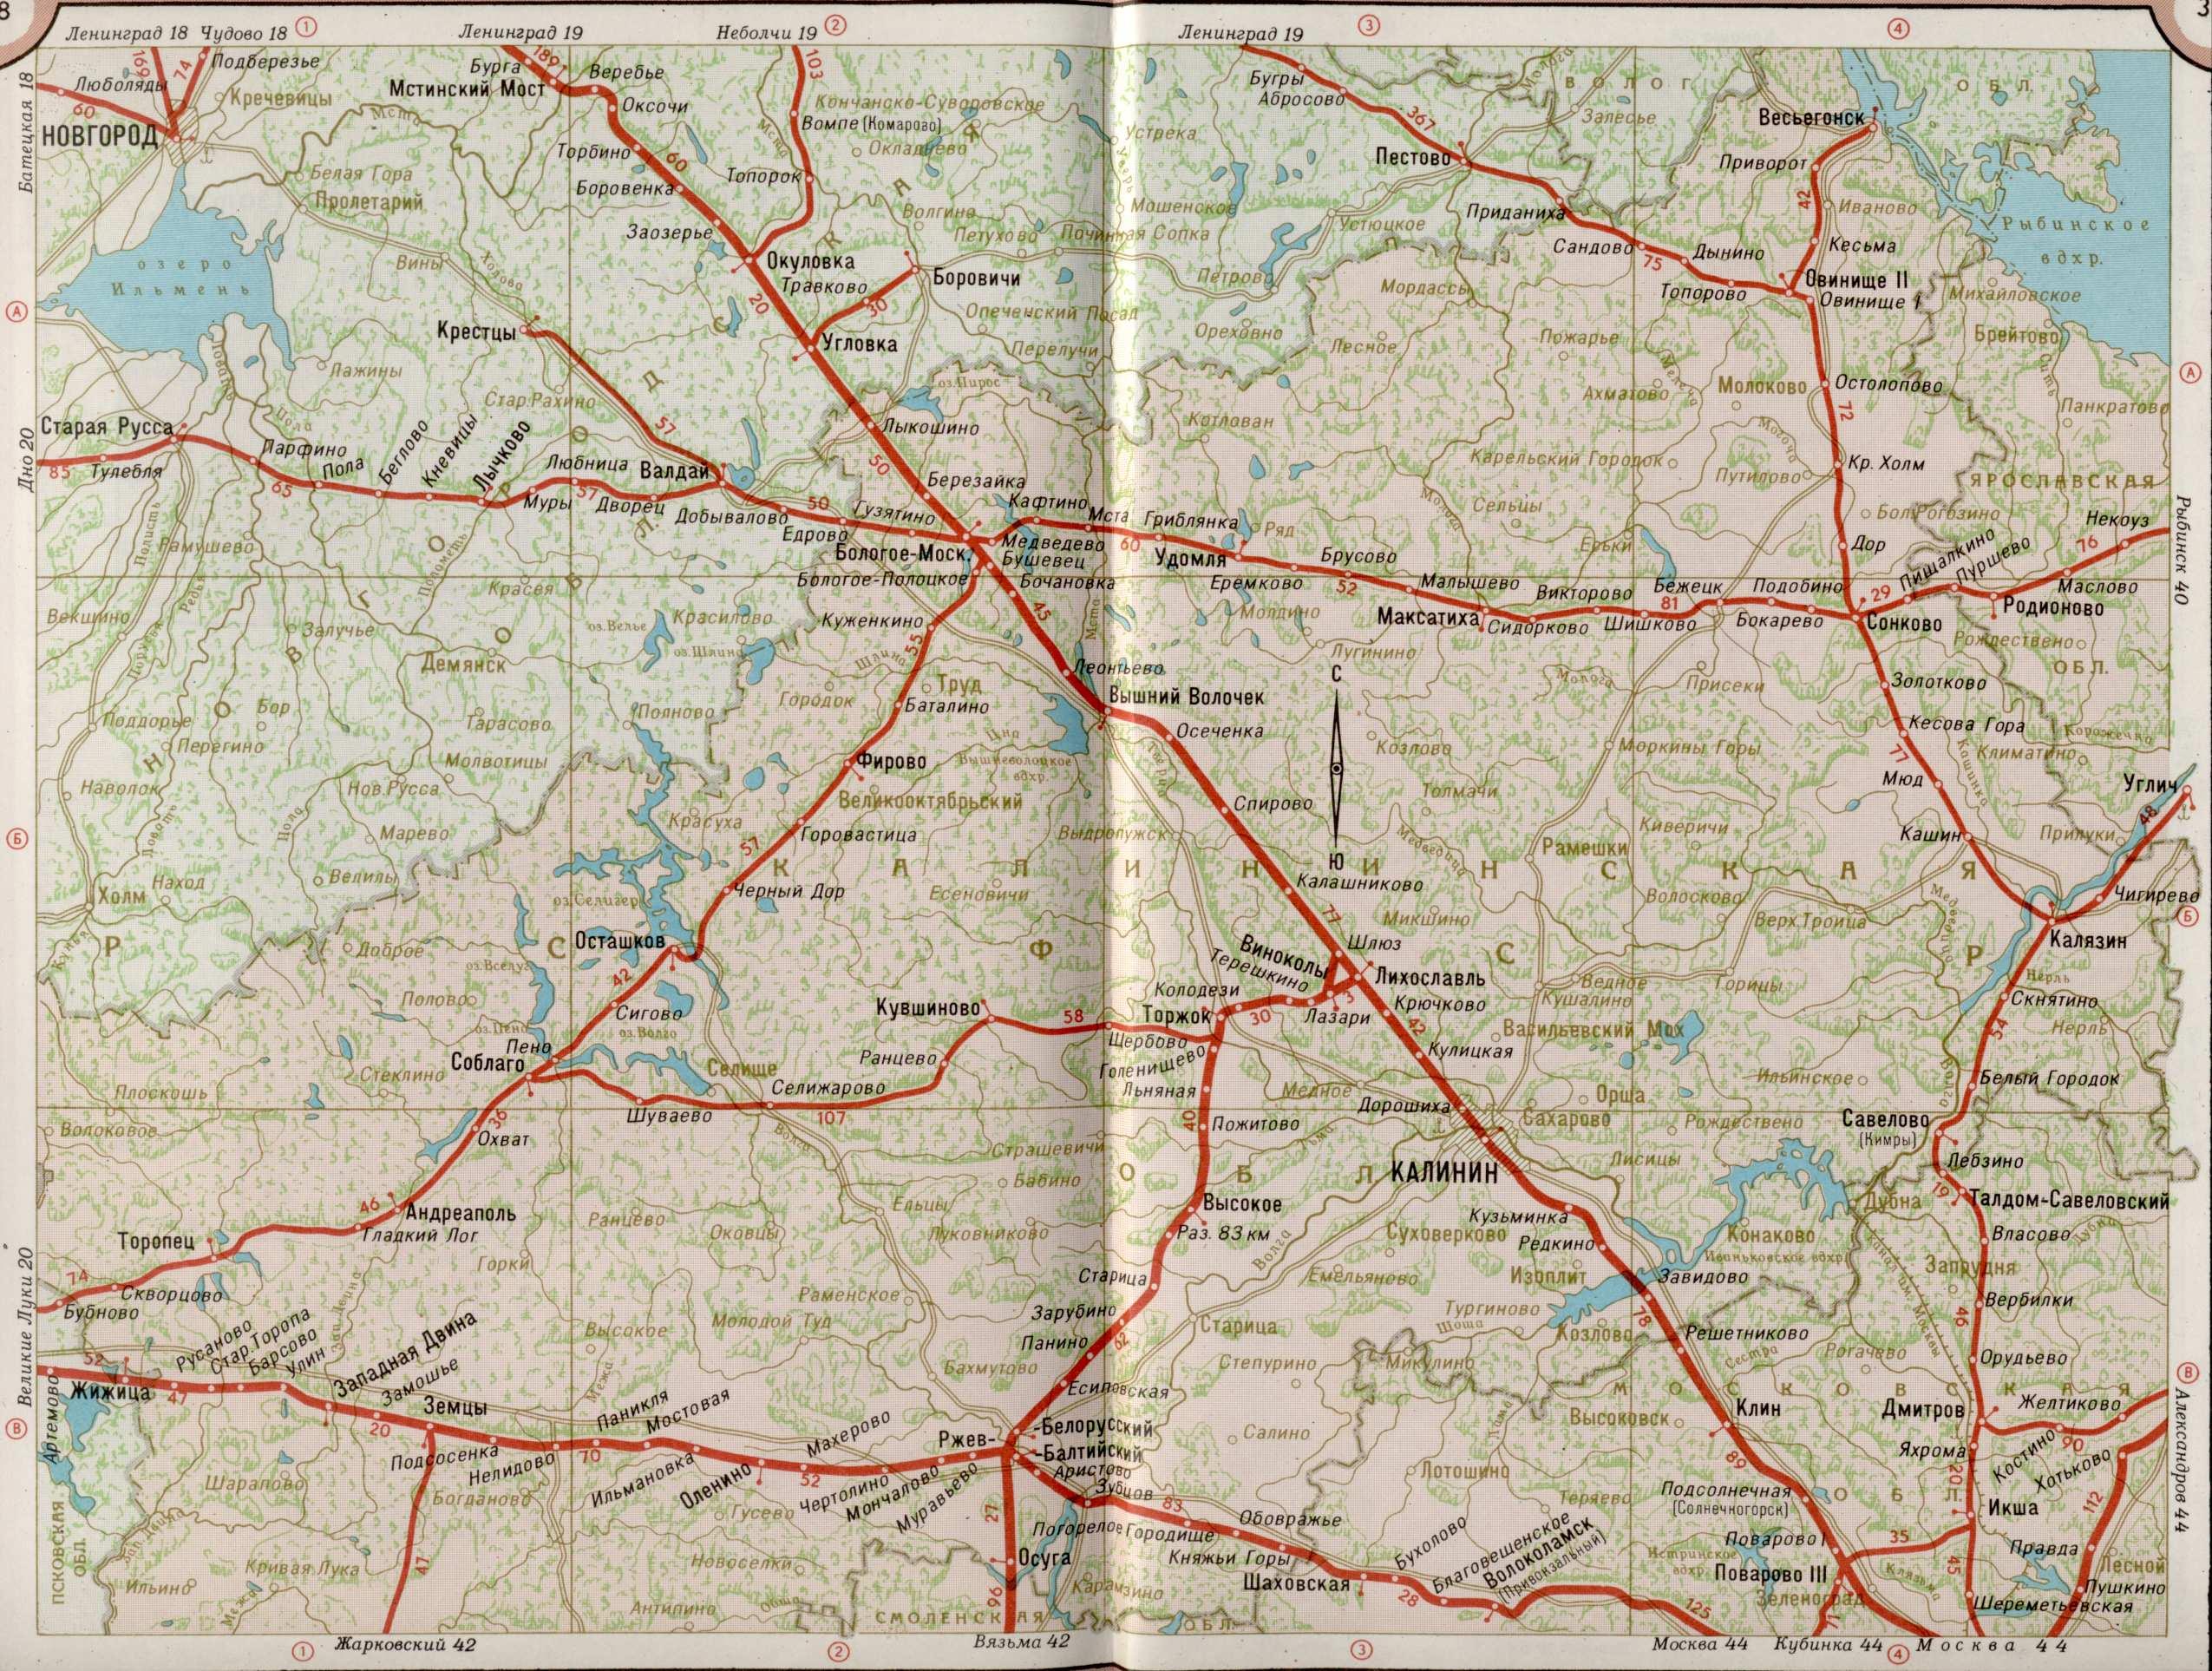 Карта железной дороги тверская область России.  Карта жд г.Тверь.